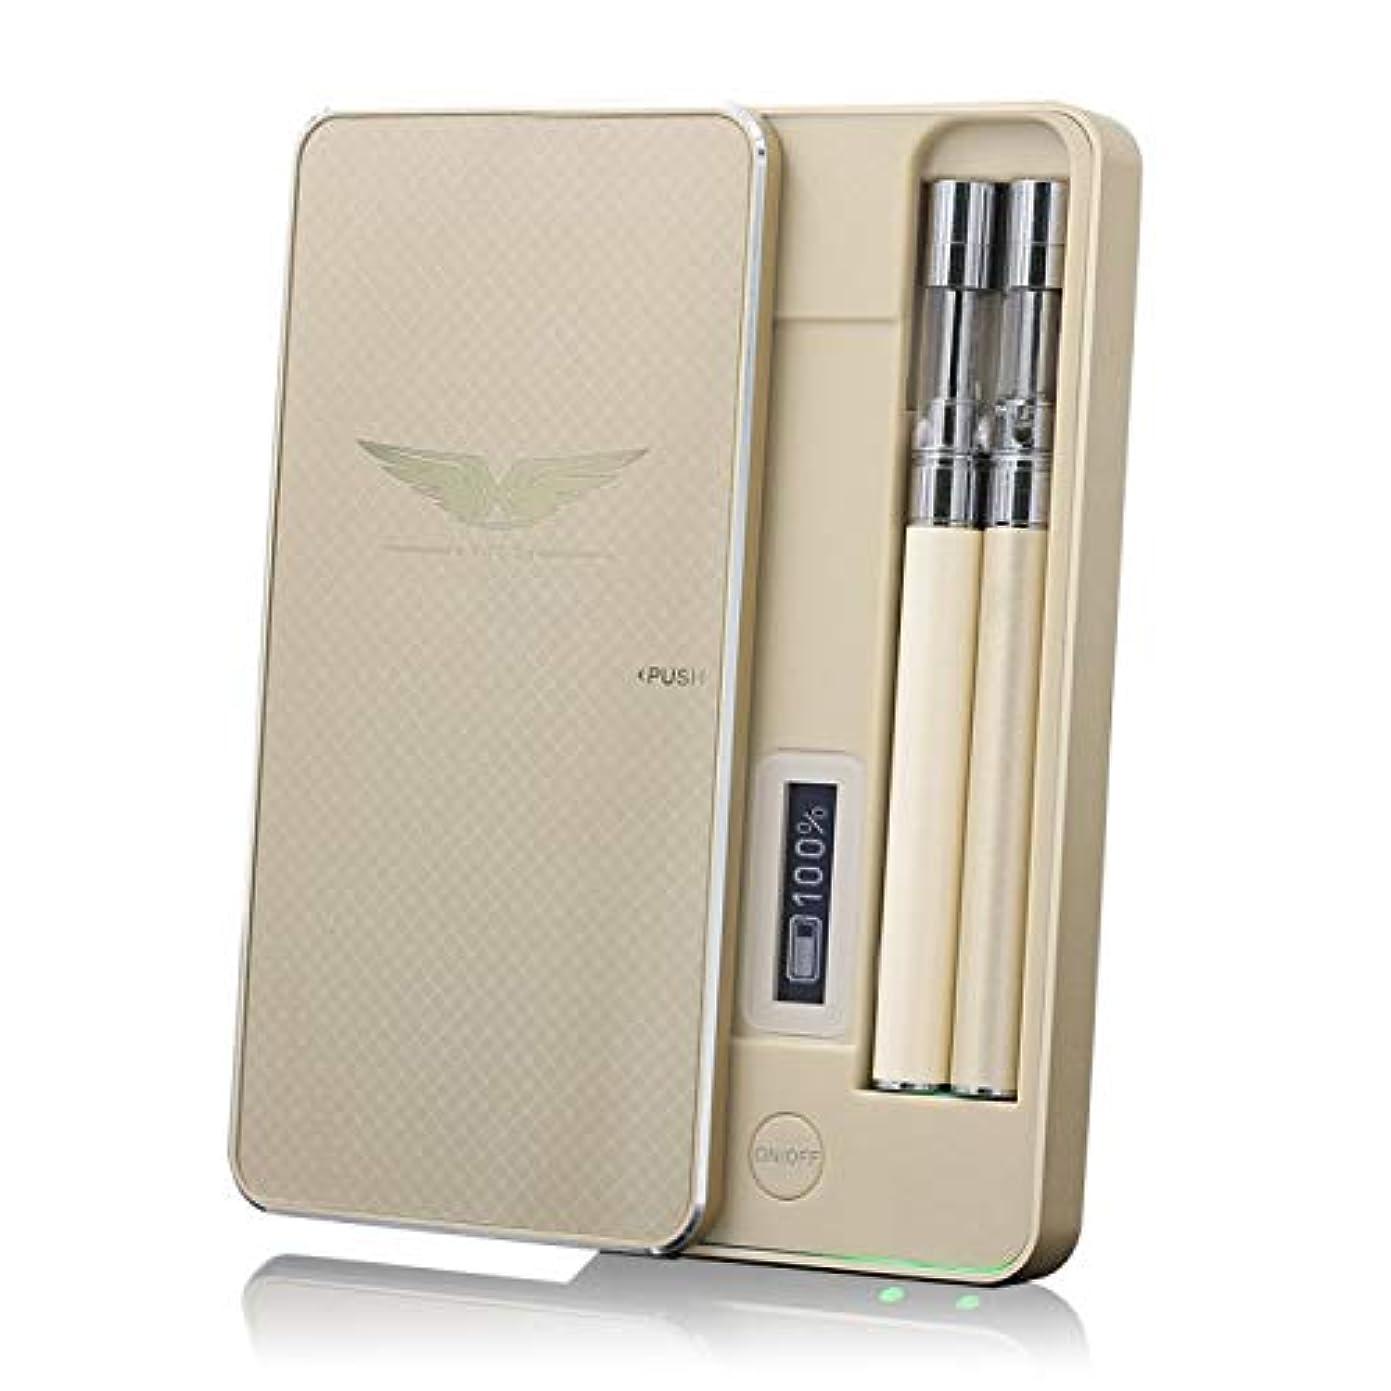 もネクタイぼかすJOECIG 電子タバコ X-TC2 本体2本 スターターキット [ジョイシグ 電子たばこ セット XTC2 Giselle ジゼル]